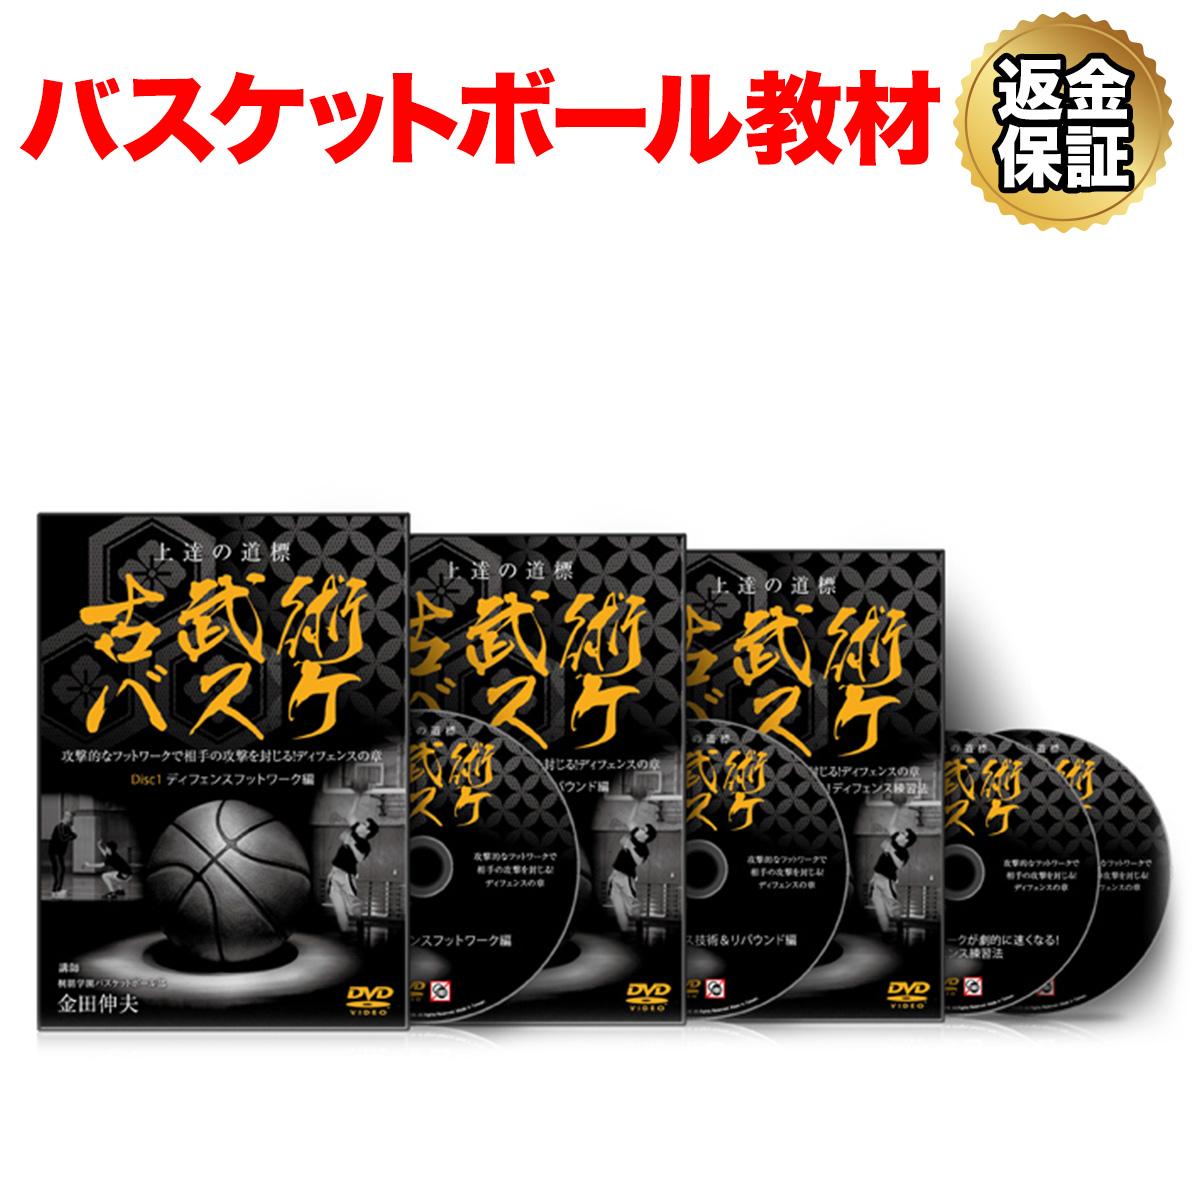 【バスケットボール】古武術バスケ ~攻撃的なフットワークで相手を封じる!ディフェンスの章~